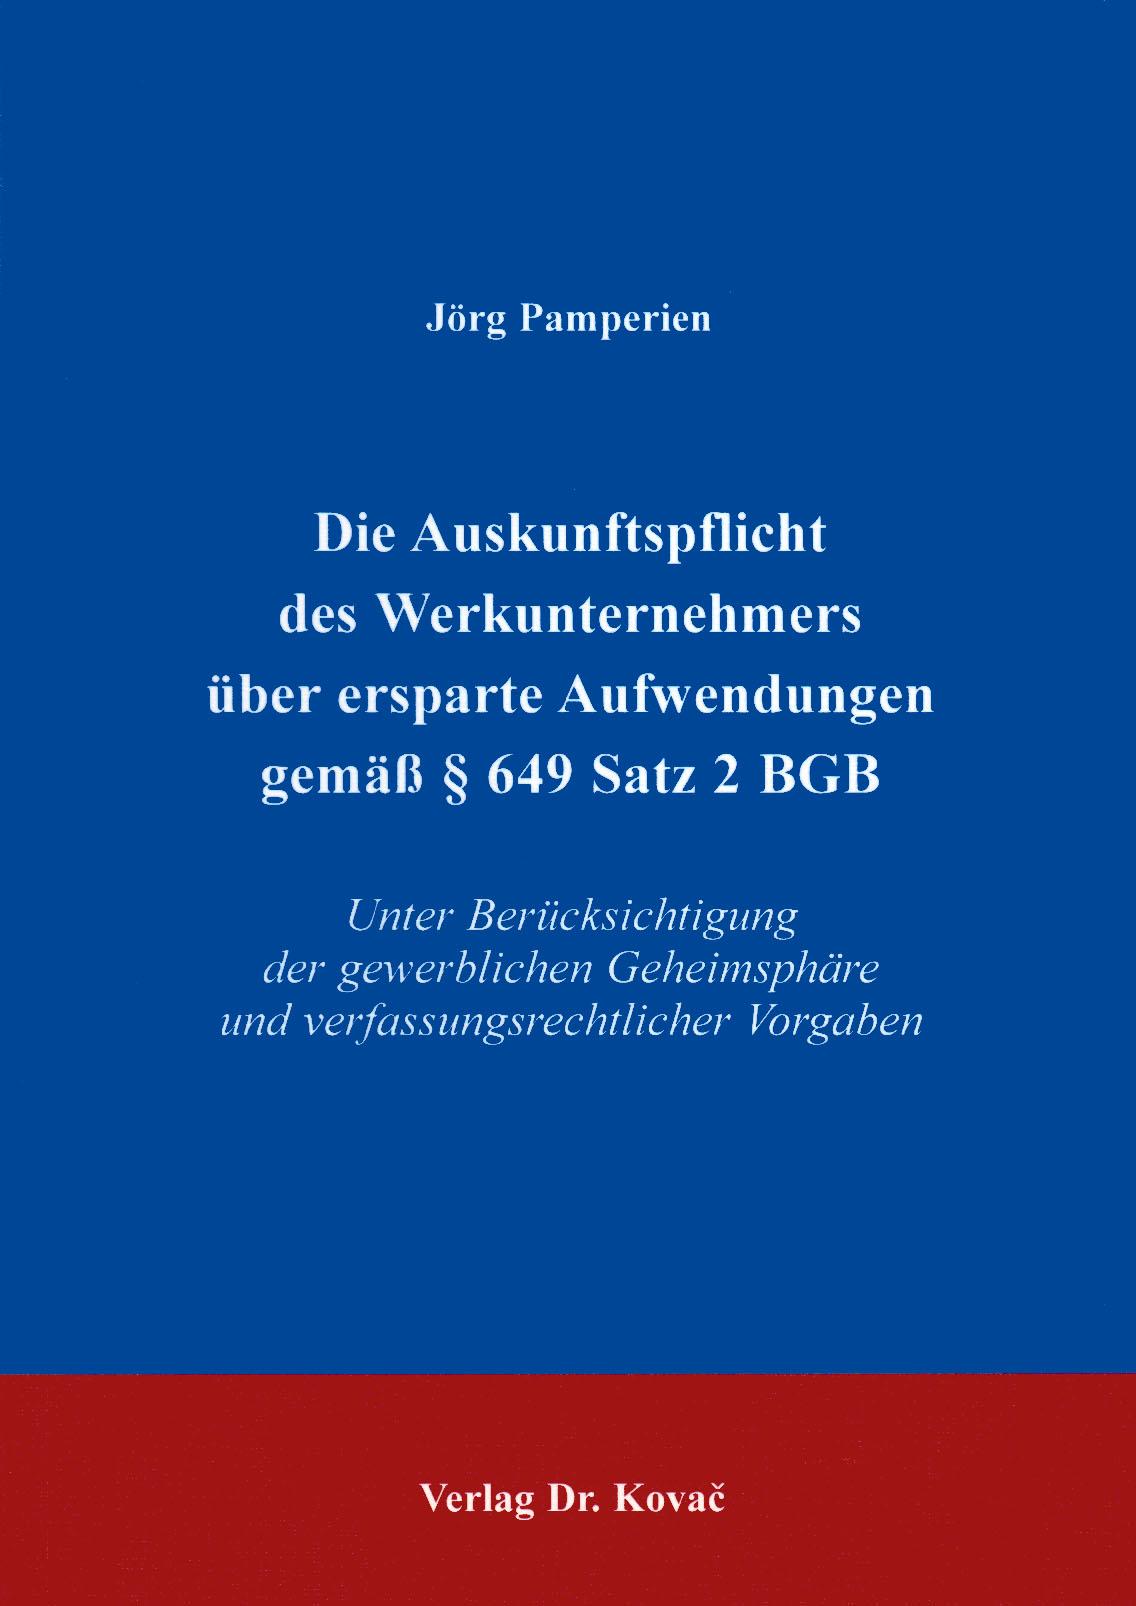 Cover: Die Auskunftspflicht des Werkunternehmers über ersparte Aufwendungen gemäß § 649 Satz 2 BGB